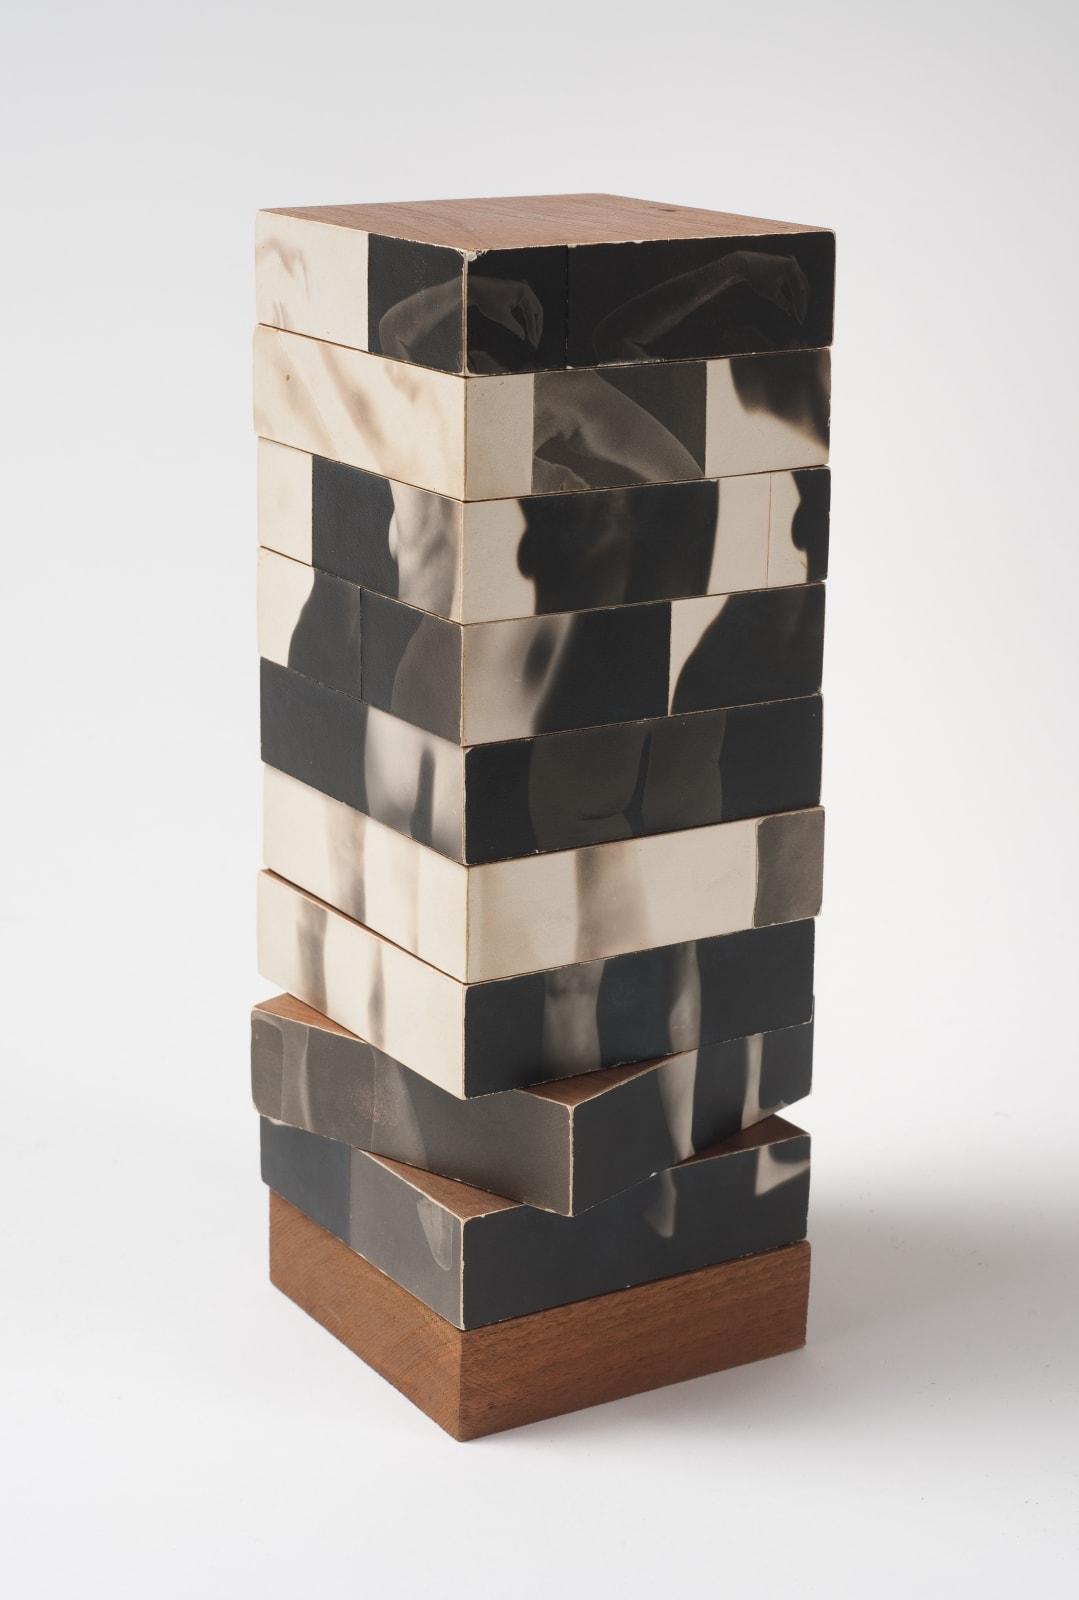 Robert Heinecken, Fractured Figure Sections